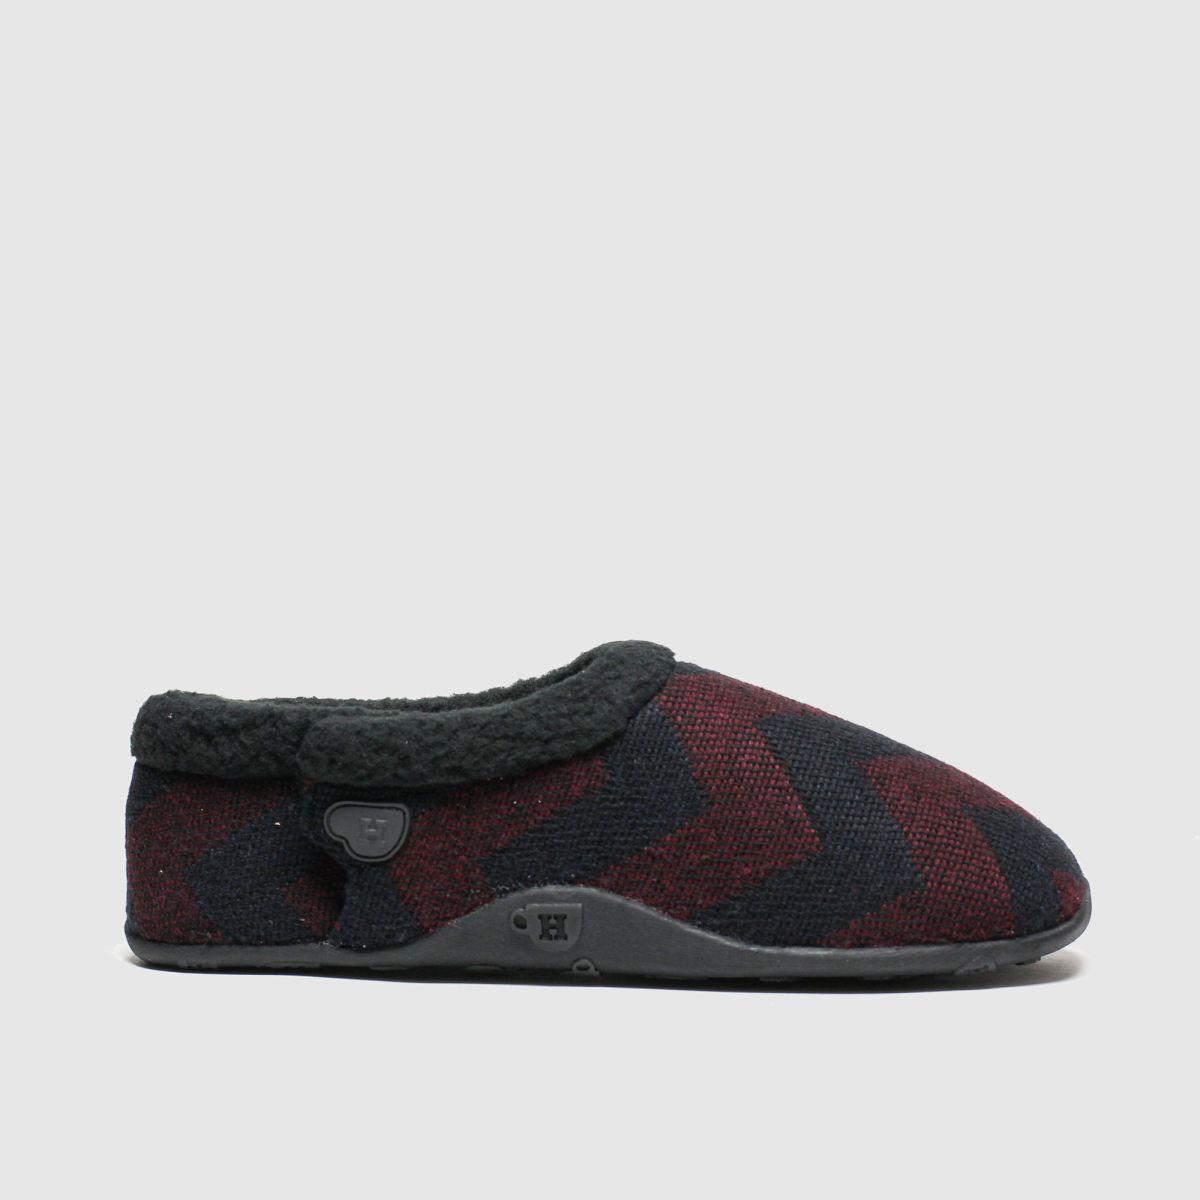 Homeys Homeys Black & Red Ivor Slippers